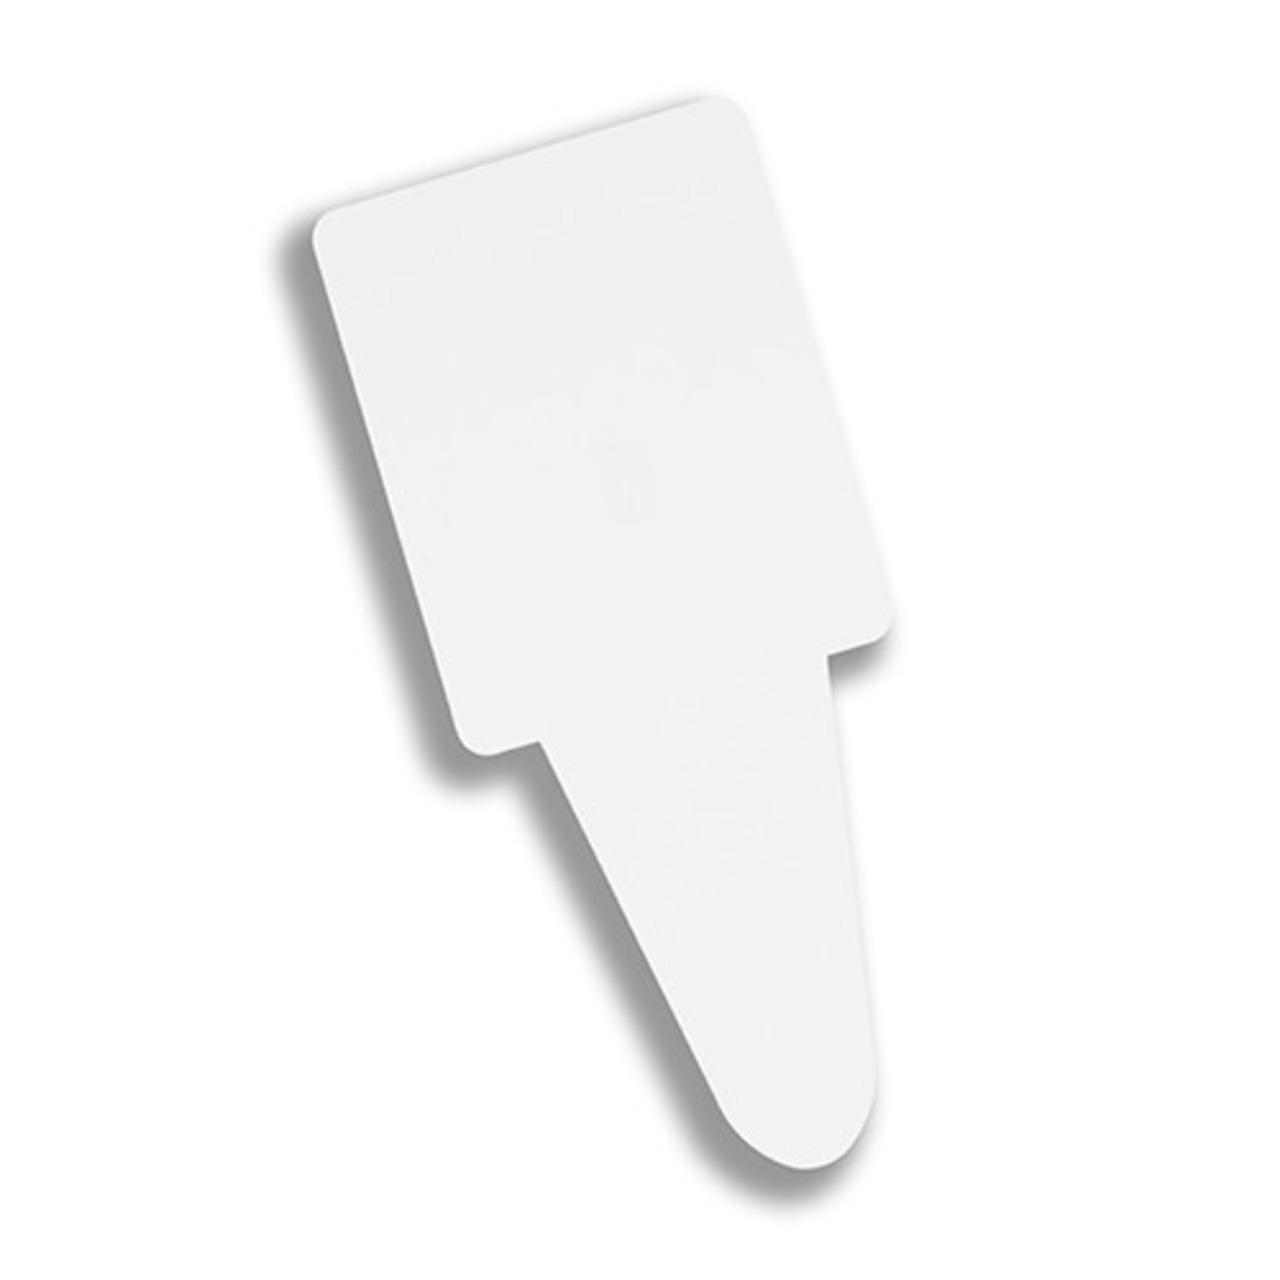 NFC Soil Marker